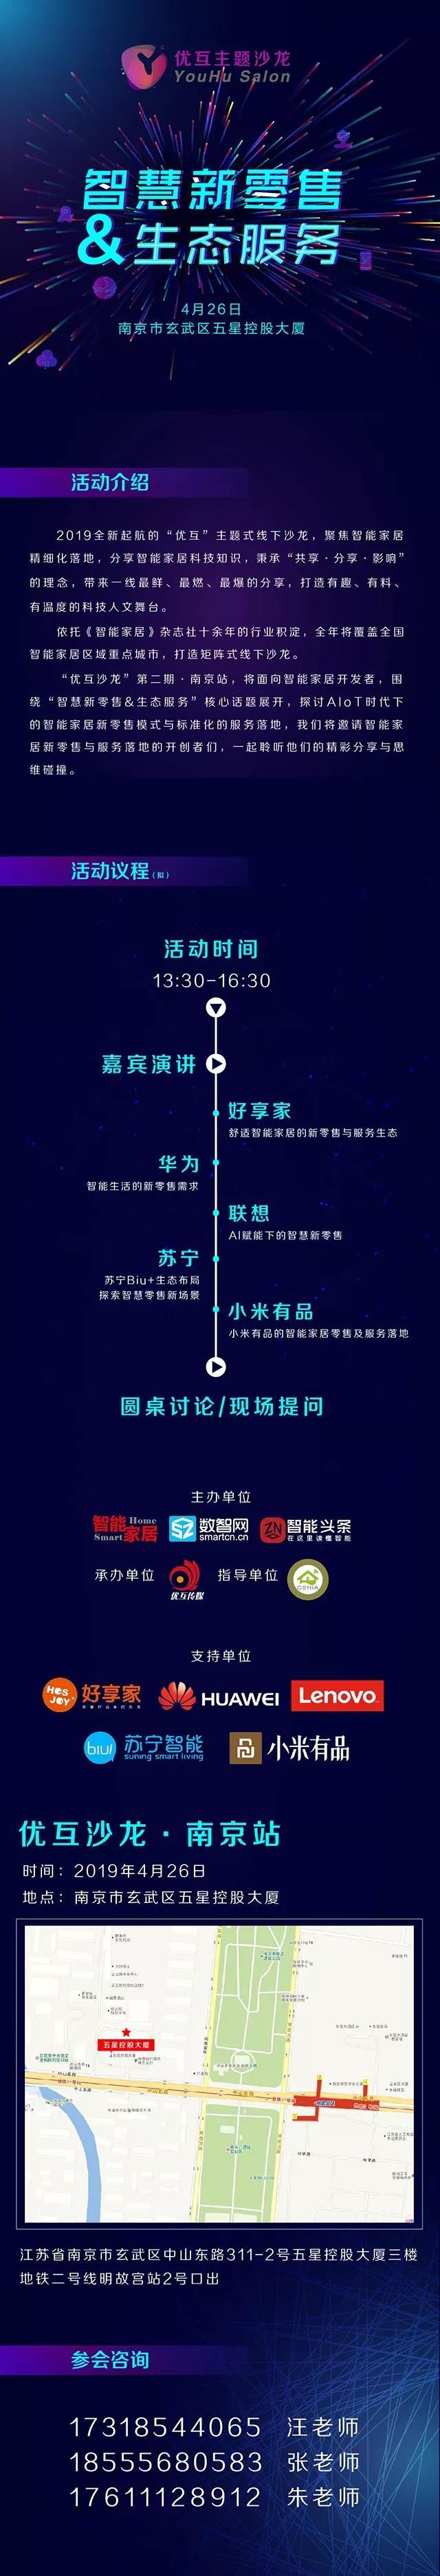 xinlingshou2019041202